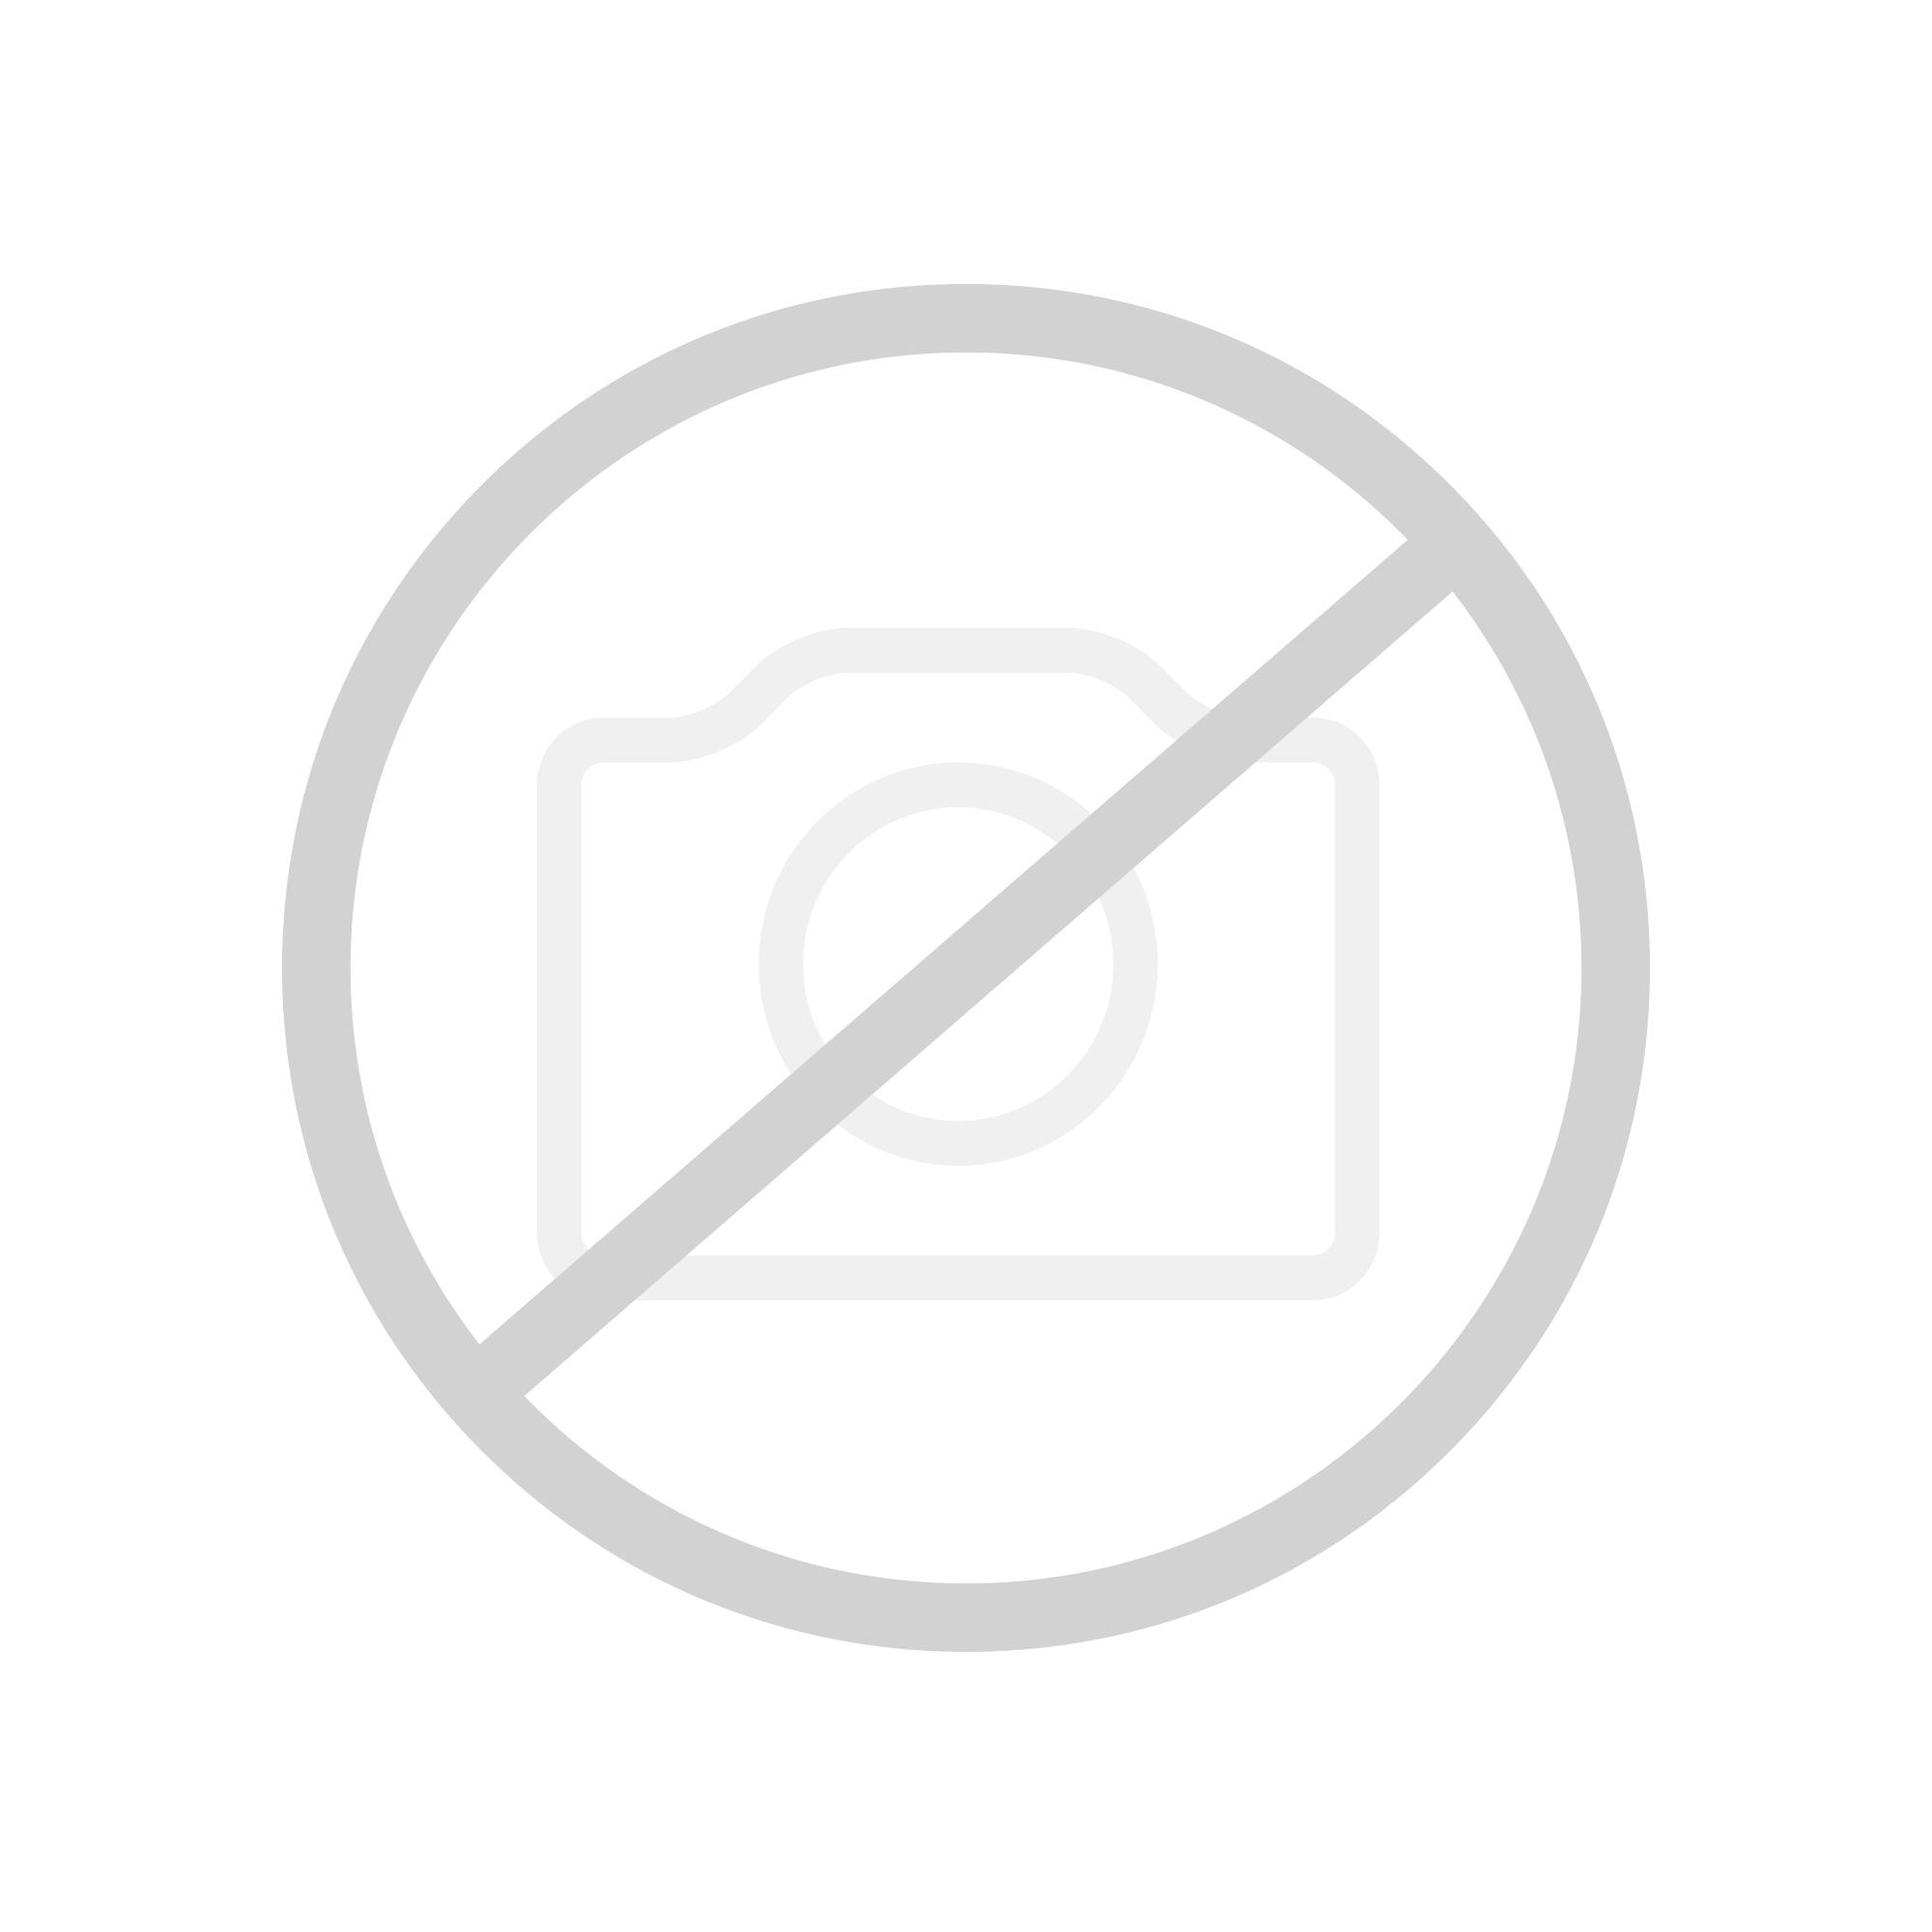 Burg Sinea Waschtischunterschrank mit Waschtisch, 1 Auszug, 1 Regal und 2 Schubladen Front hacienda creme/Korpus hacienda creme/Waschtisch weiß